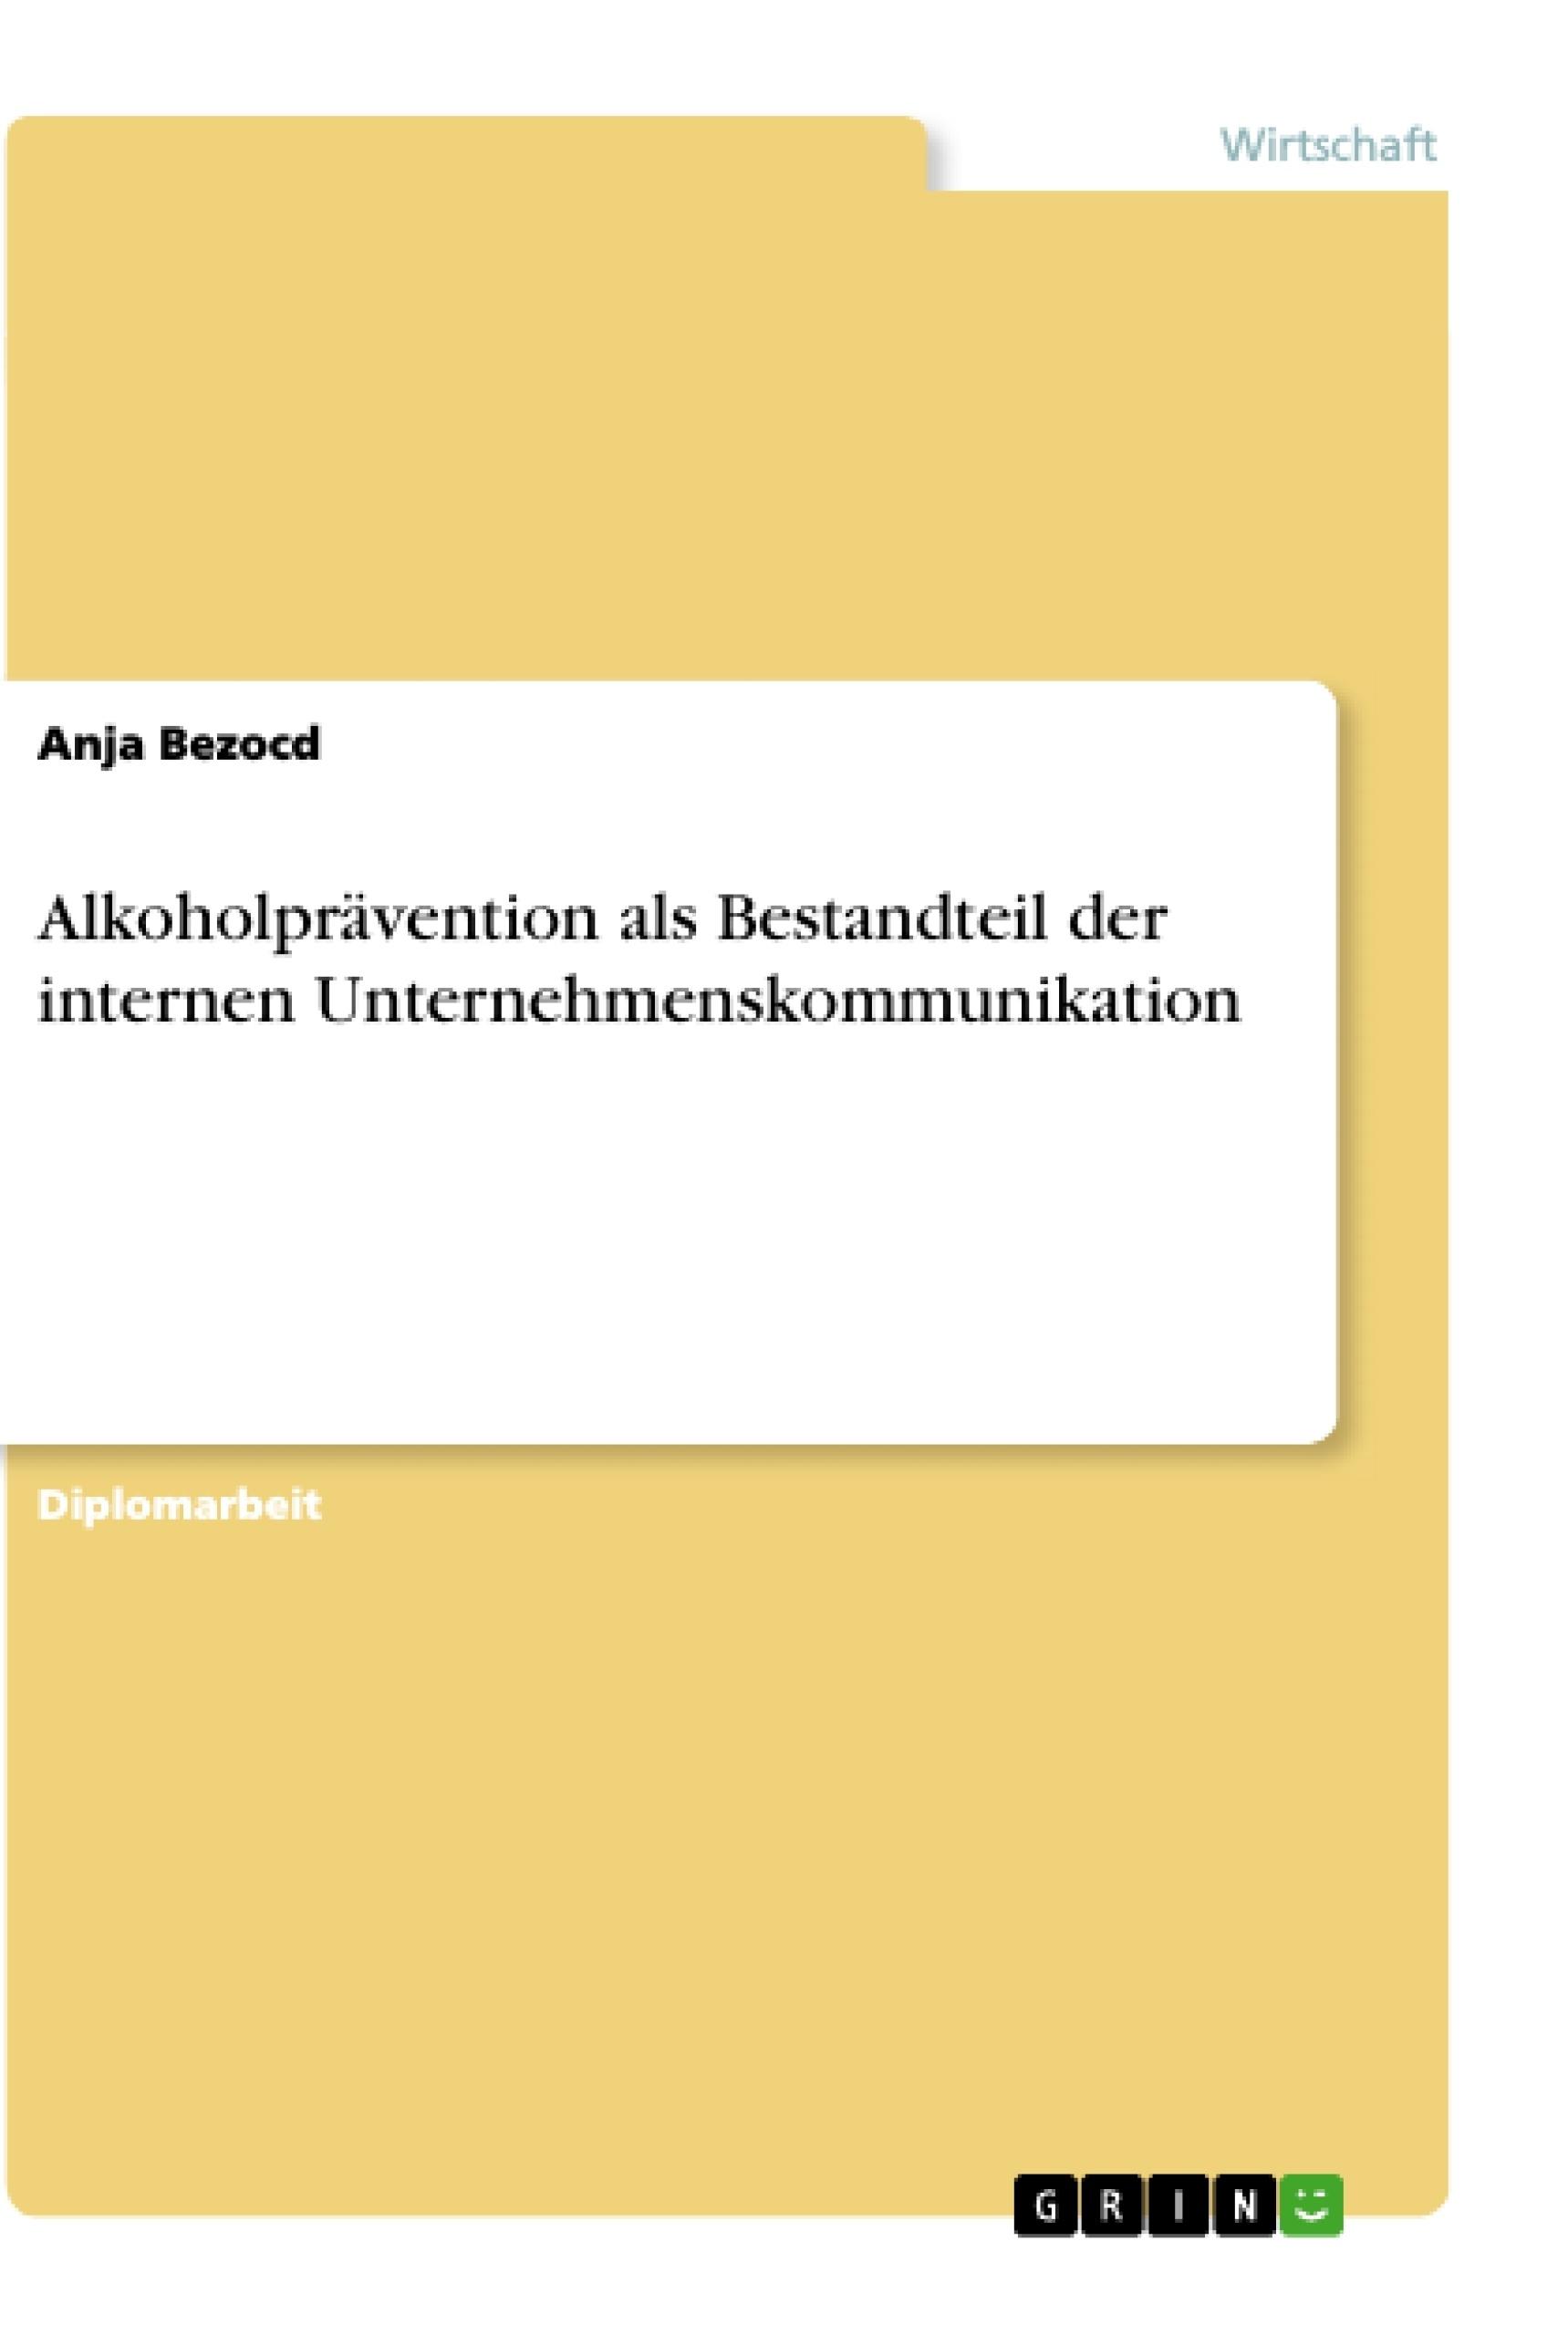 Titel: Alkoholprävention als Bestandteil der internen Unternehmenskommunikation